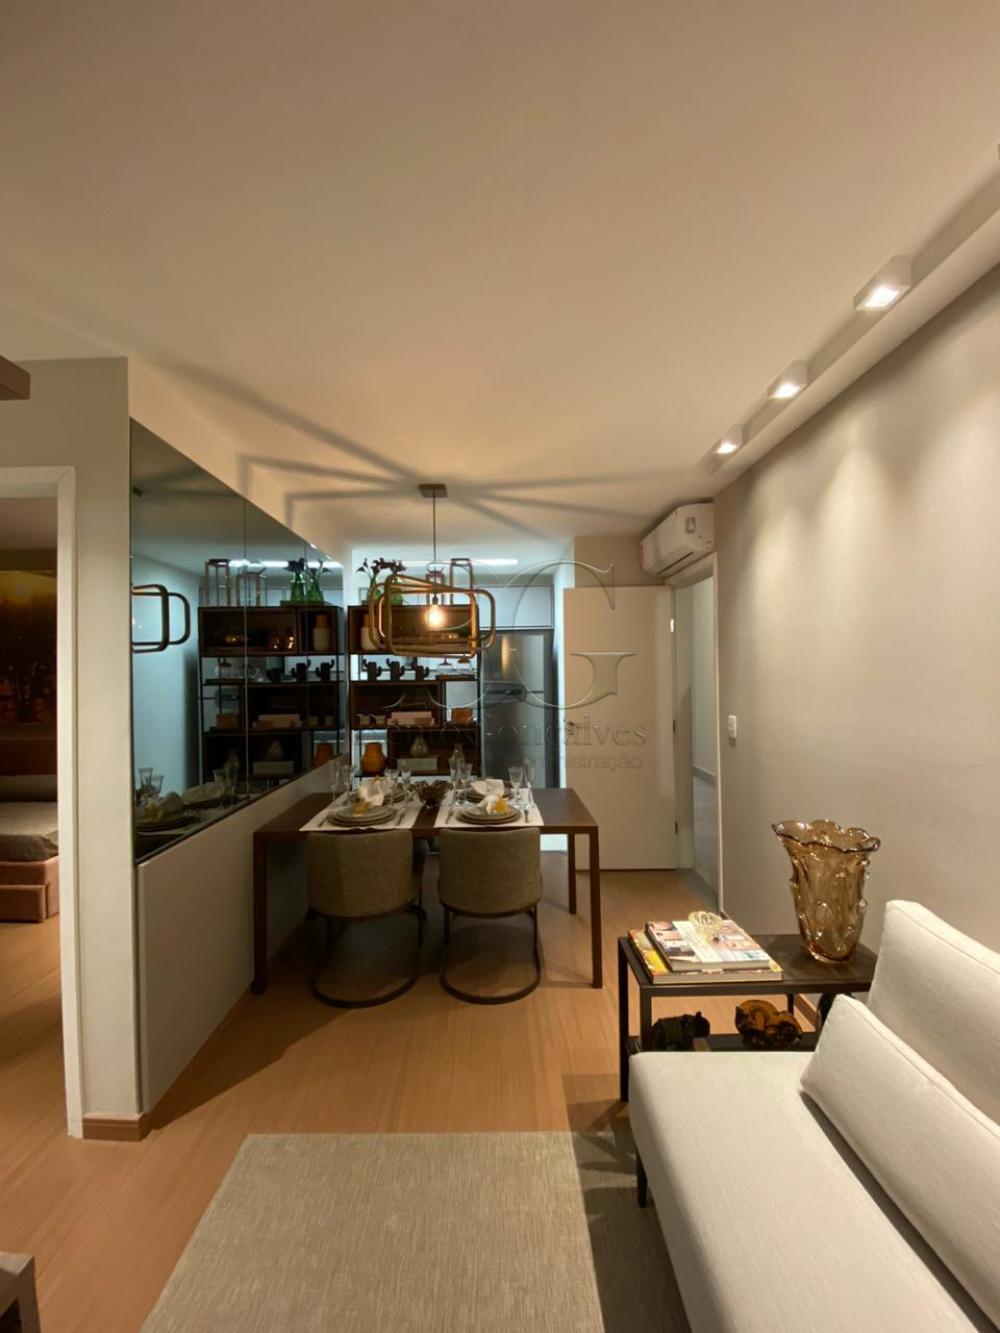 Comprar Apartamentos / Lançamento em Poços de Caldas apenas R$ 170.000,00 - Foto 4